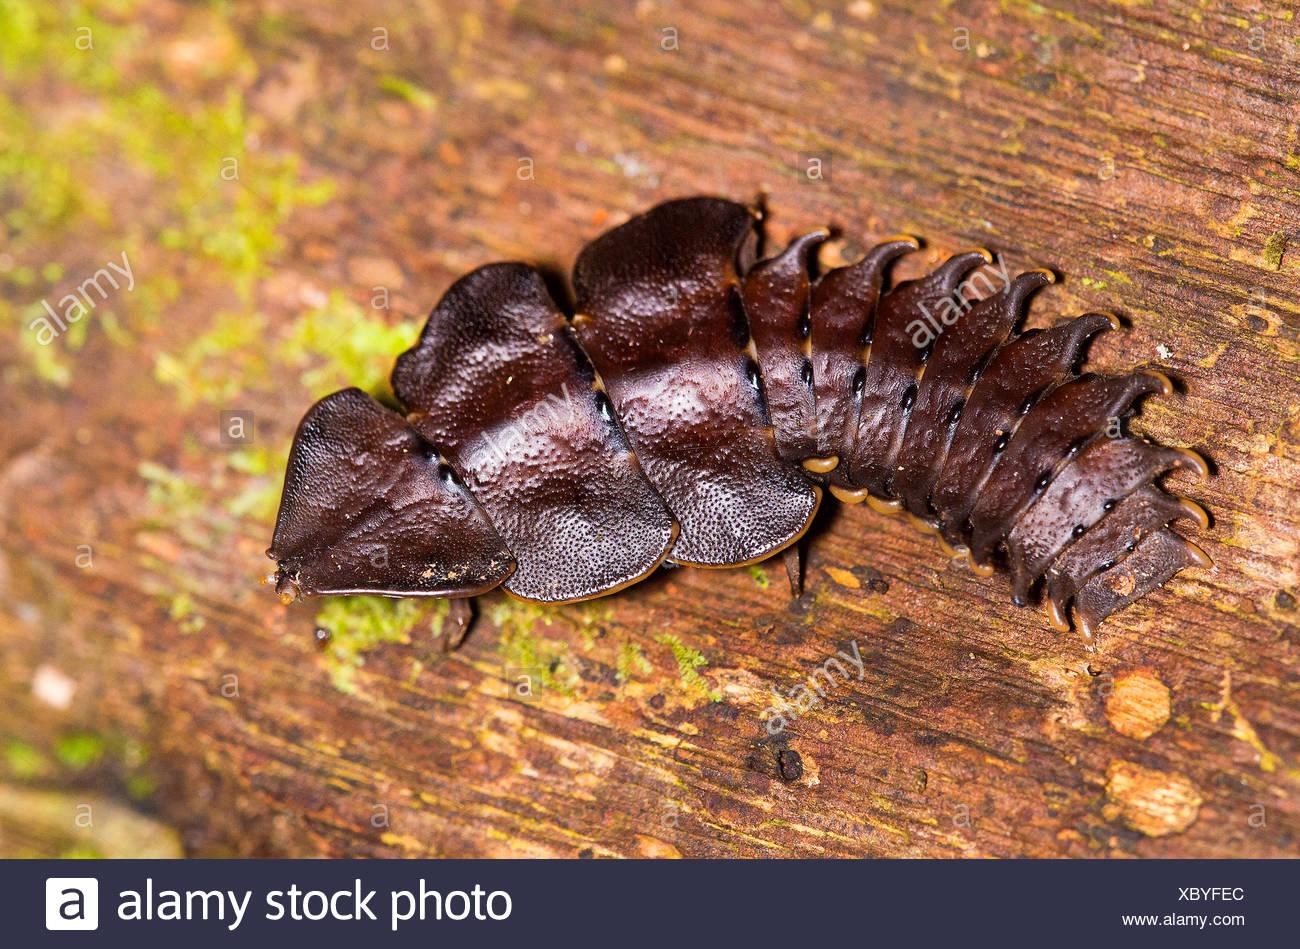 Coleottero trilobata (Platerodrilus sp.), femmina su deadwood, Malesia, Borneo Sabah, Danum Valley Foto Stock